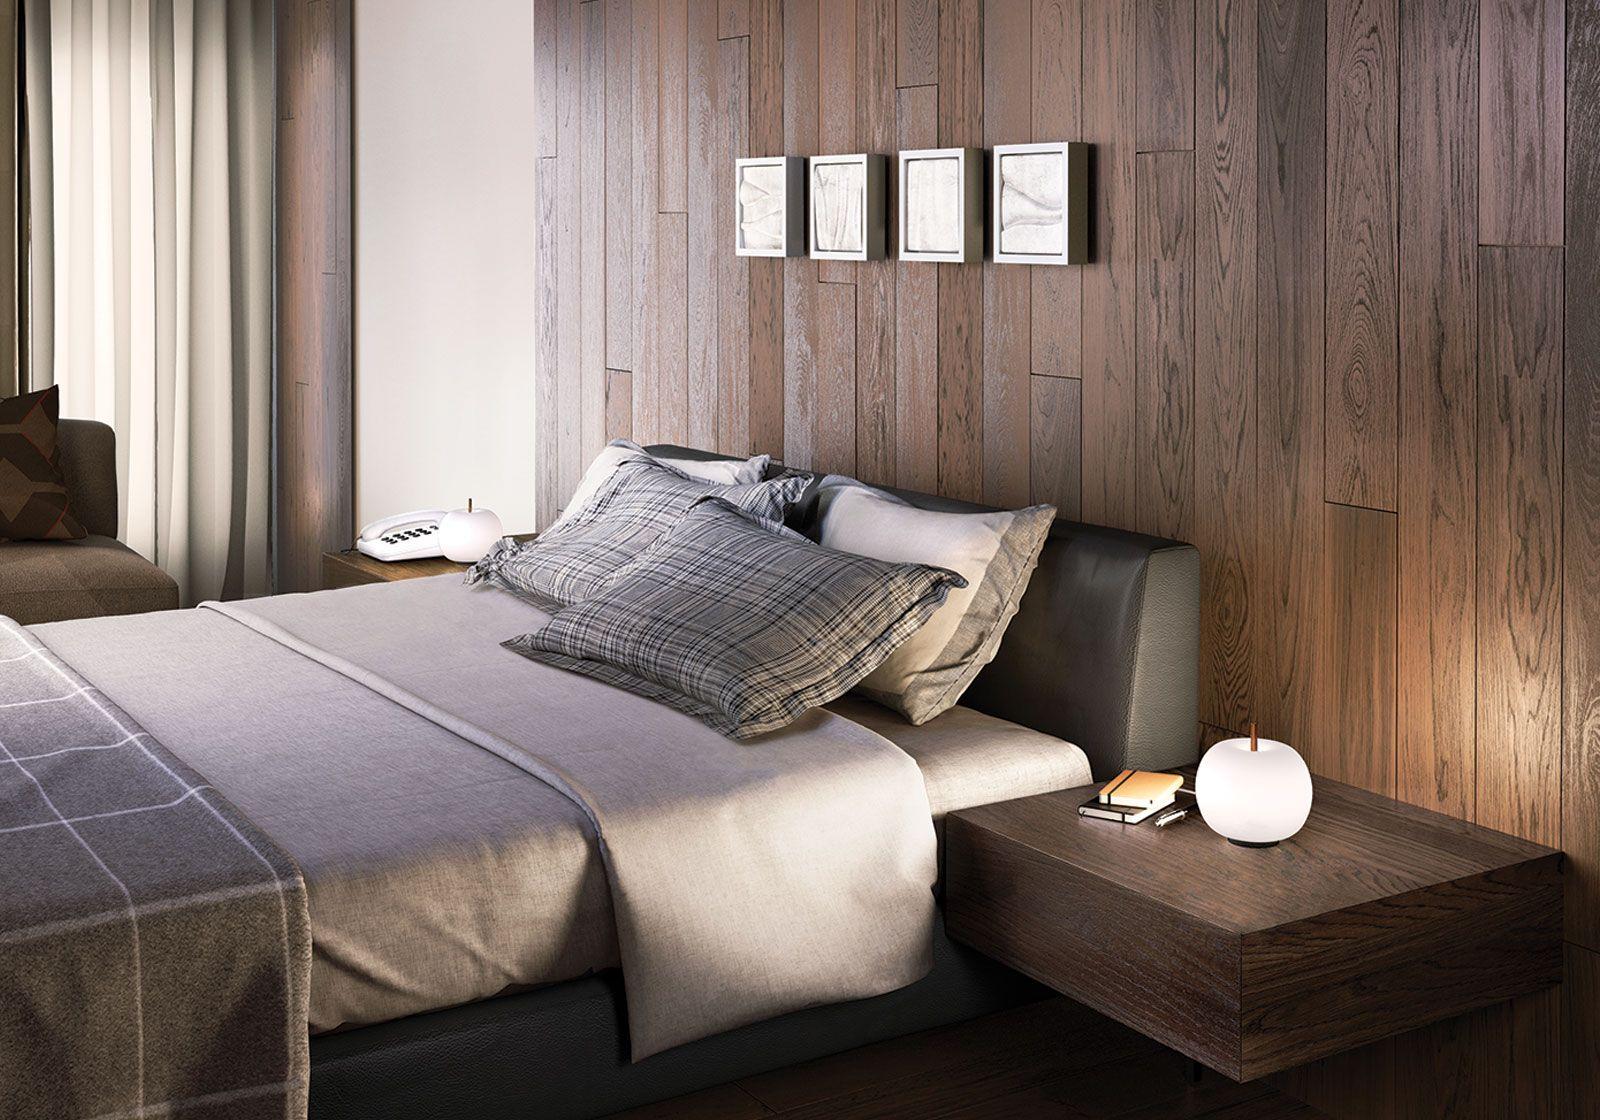 Afbeeldingsresultaat voor slaapkamer verlichting bed | Slaapkamer ...